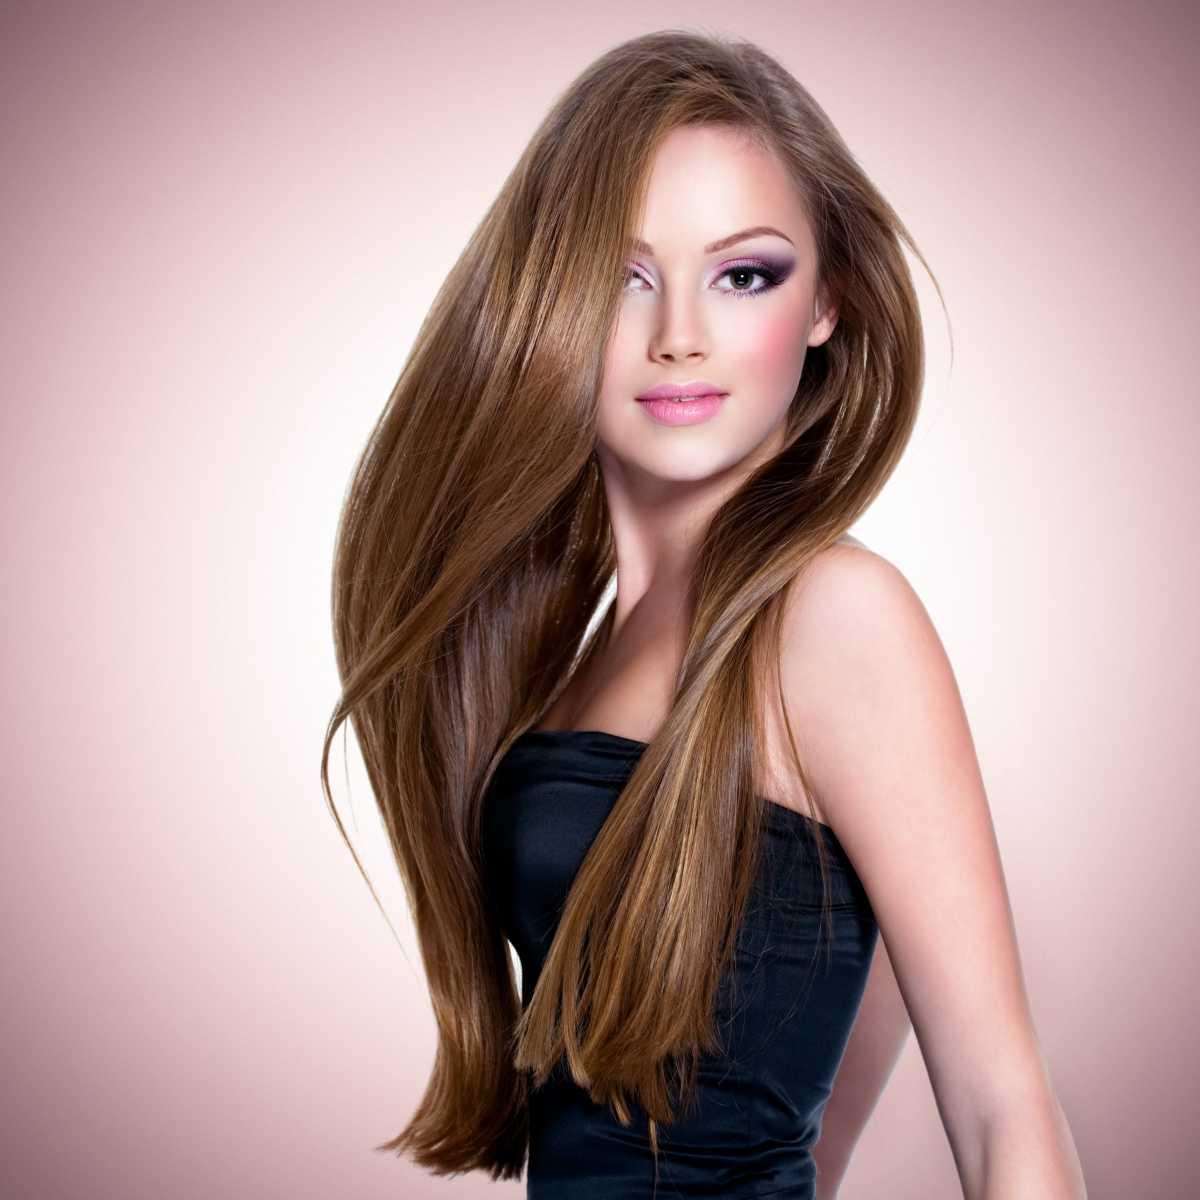 Tipo de corte feminino para cabelo longo